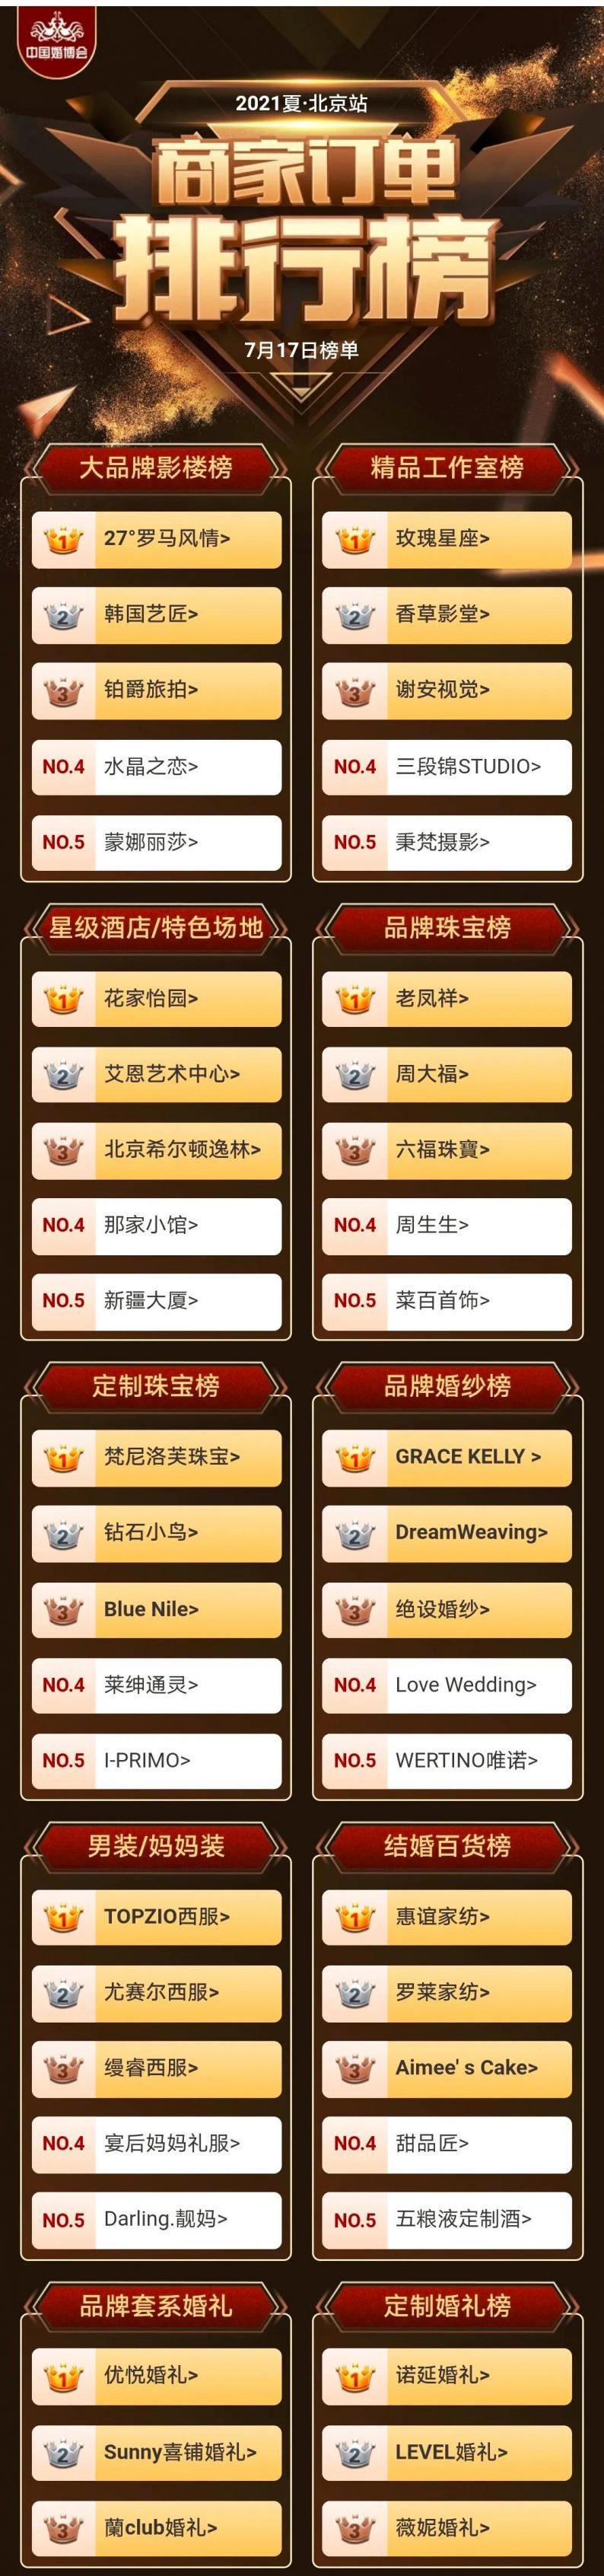 首日3.82亿!中国婚博会北京站商家排行榜出炉  第2张